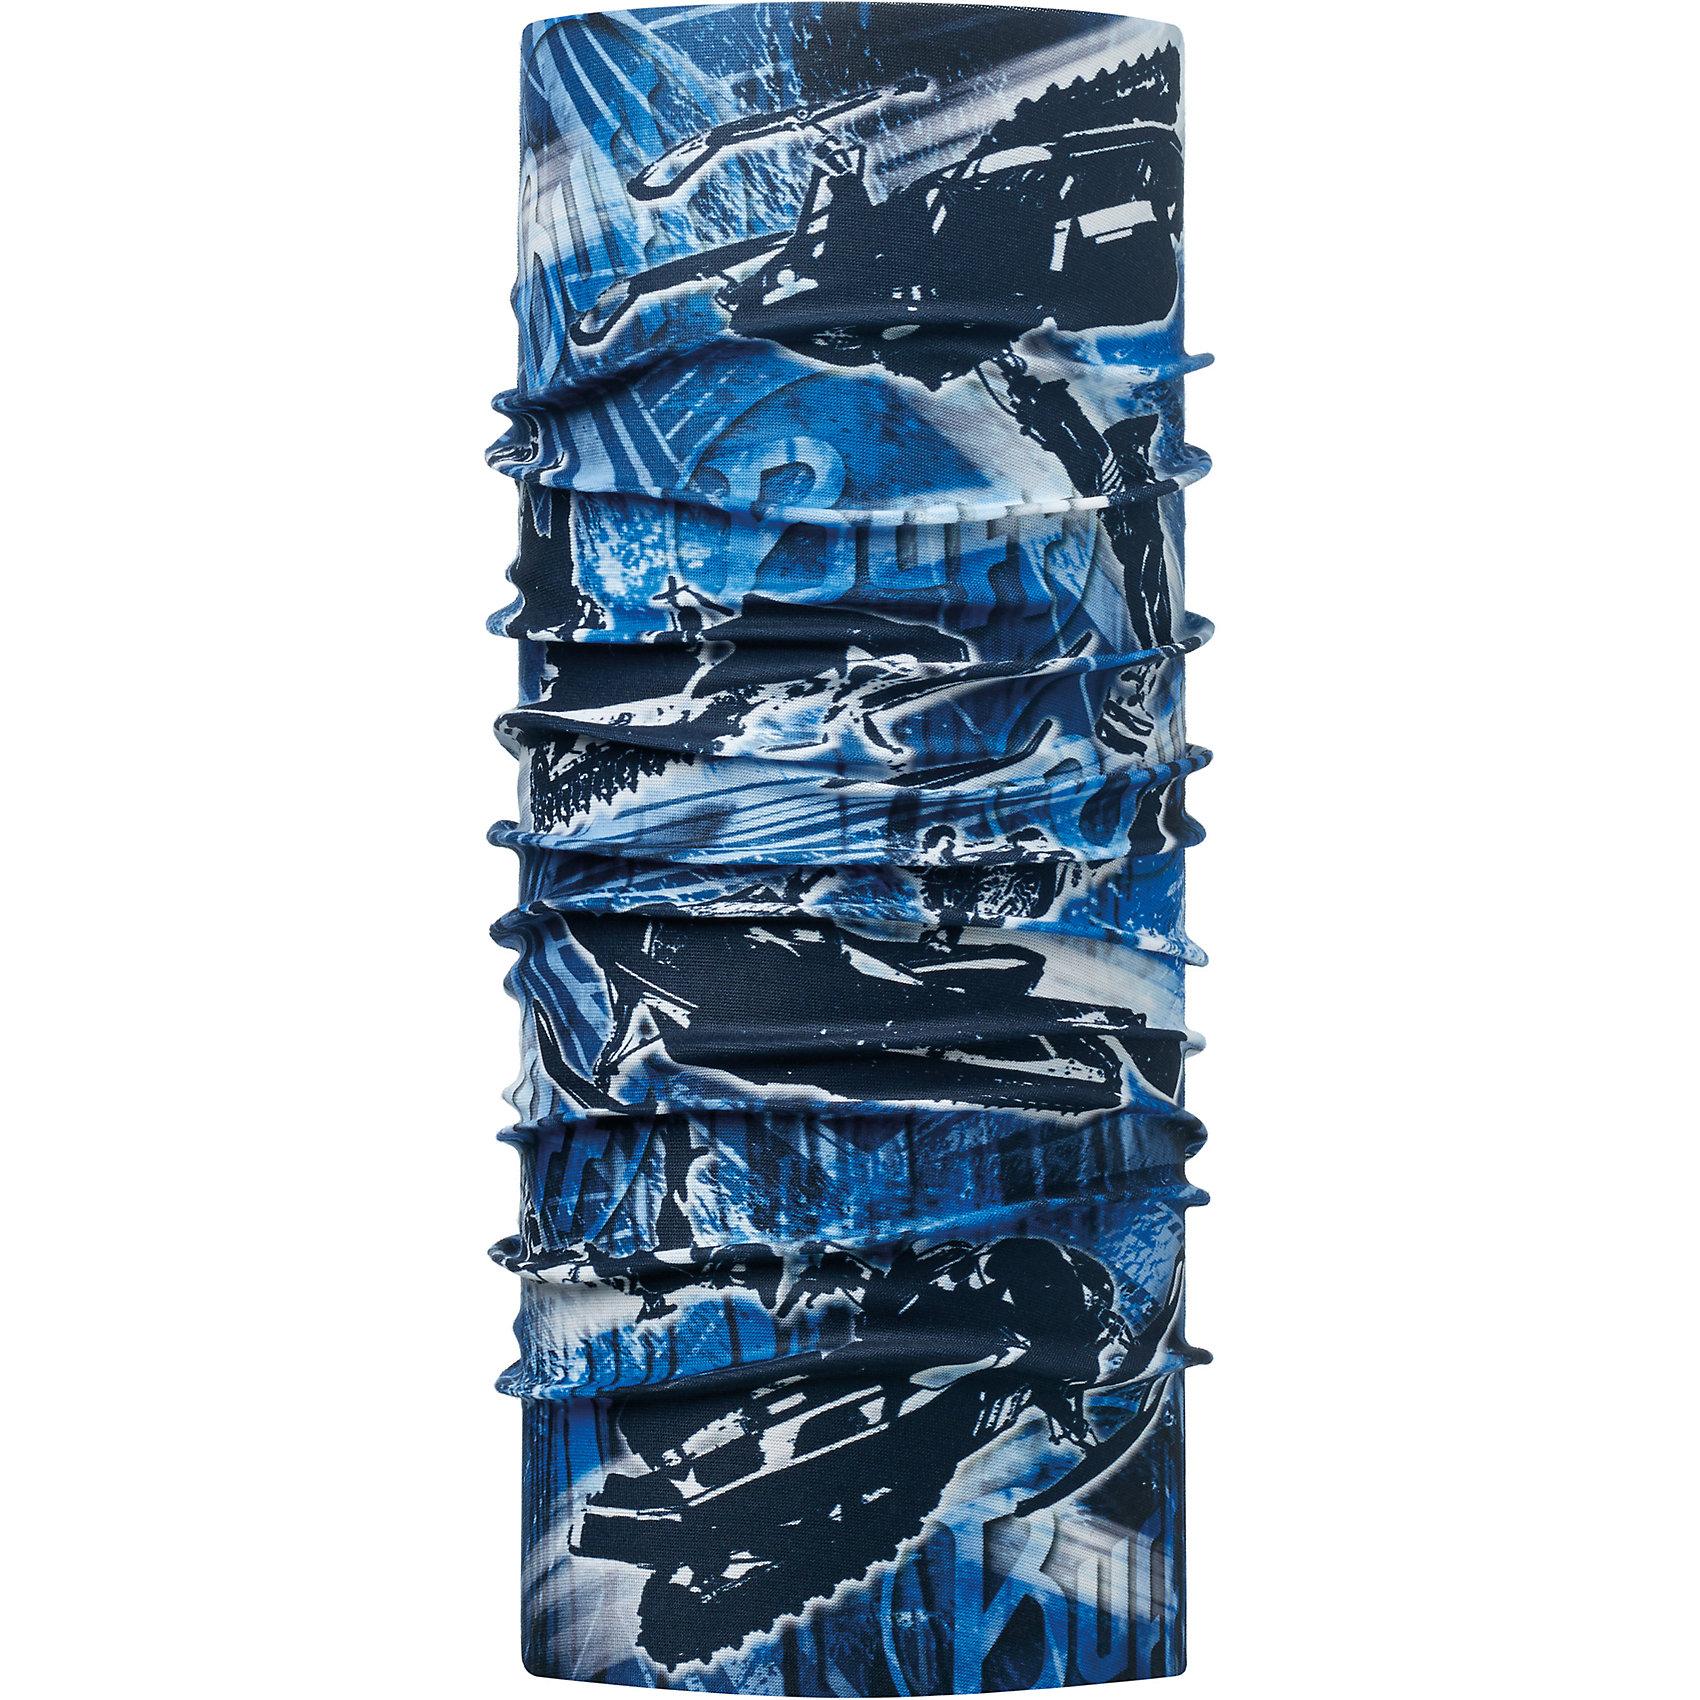 Бандана BUFFБандана BUFF <br>Бесшовная бандана-труба из специальной серии Original BUFF. Original BUFF - самый популярный универсальный головной убор из всех серий. <br><br>Сделан из микрофибры - защищает от ветра, пыли, влаги и ультрафиолета. Контролирует микроклимат в холодную и теплую погоду, отводит влагу. Ткань обработана ионами серебра, обеспечивающими длительный антибактериальный эффект и предотвращающими появление запаха. Допускается машинная и ручная стирка при 30-40градусах. Материал не теряет цвет и эластичность, не требует глажки. <br><br>Original BUFF можно носить на шее и на голове, как шейный платок, маску, бандану, шапку и подшлемник. <br><br>Свойства материала позволяют использовать бандану Original BUFF в любое время года, при занятиях любым видом спорта, активного отдыха, туризма или рыбалки.<br>Состав:<br>Полиэстер 100%<br><br>Ширина мм: 89<br>Глубина мм: 117<br>Высота мм: 44<br>Вес г: 155<br>Цвет: синий<br>Возраст от месяцев: 84<br>Возраст до месяцев: 1188<br>Пол: Унисекс<br>Возраст: Детский<br>Размер: one size<br>SKU: 5568721